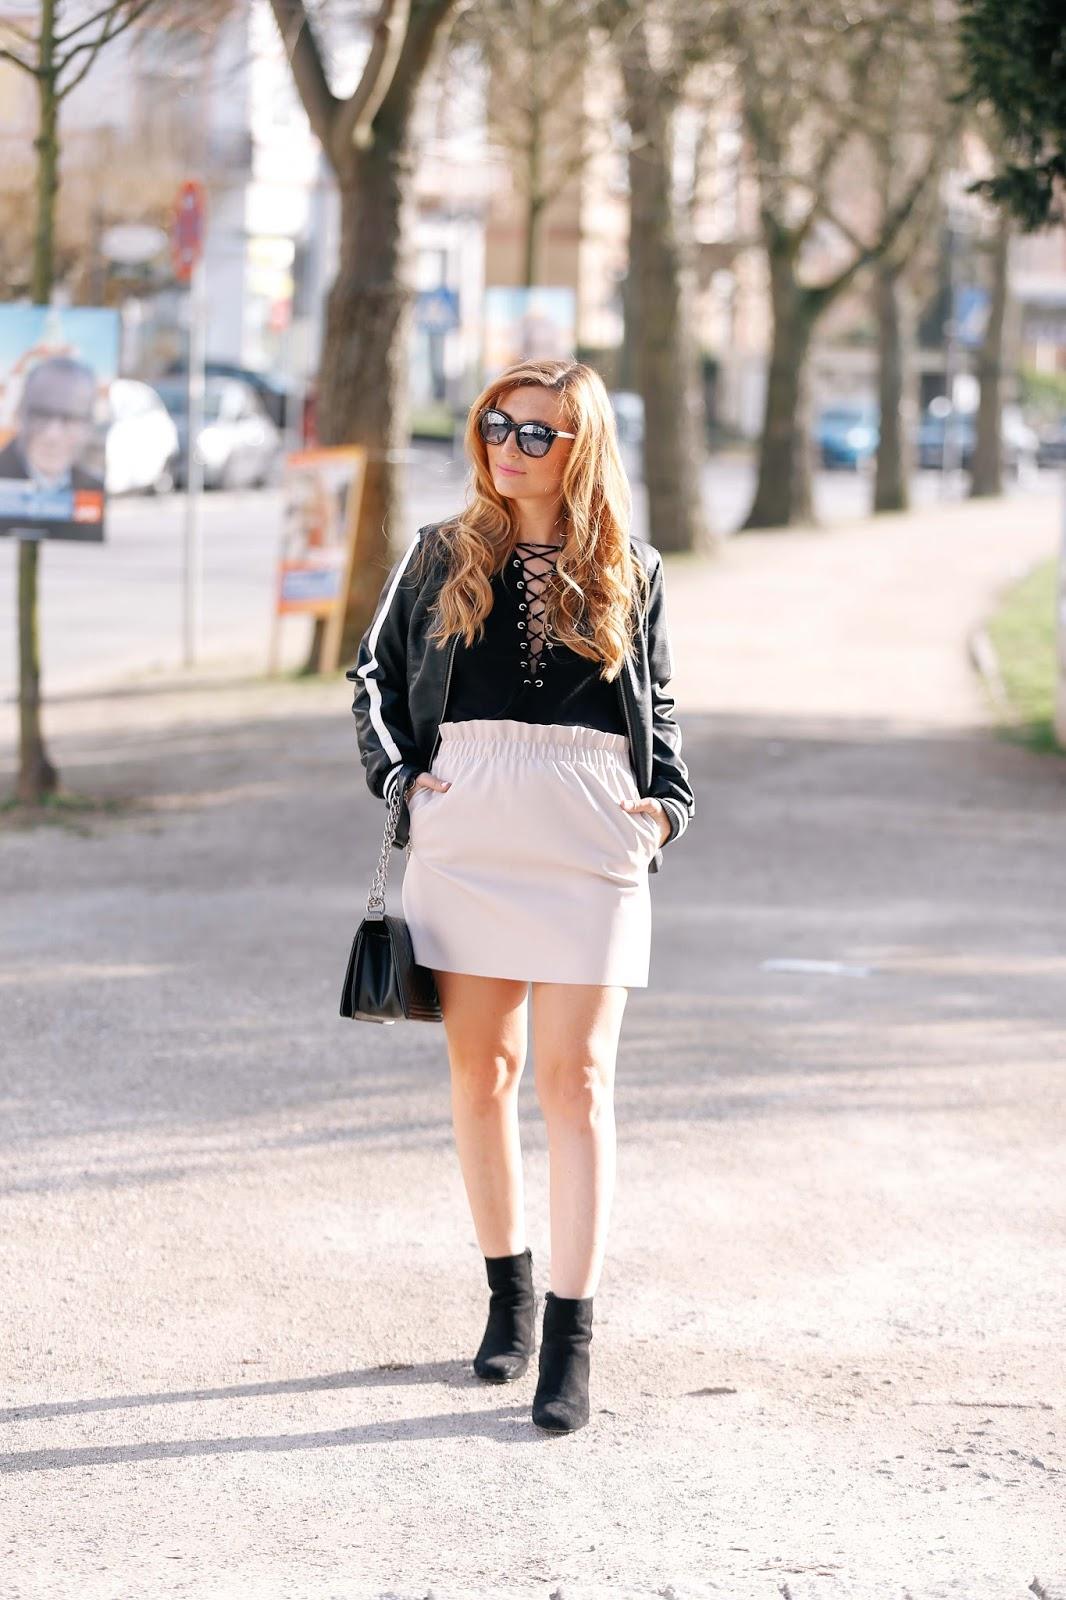 Sommertrend2017-blogger-outfit-wie trägt-man-eine-college-jacke